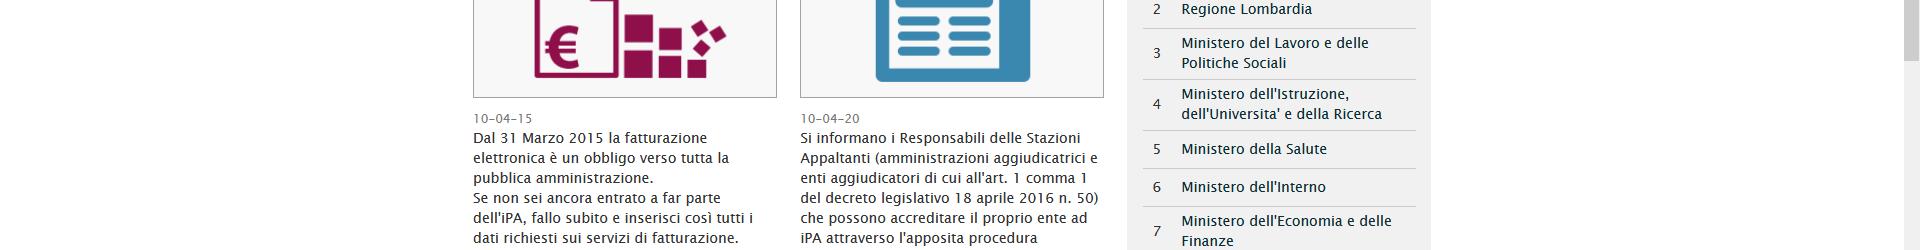 Come trovare le PEC della Pubblica Amministrazione per recuperare la documentazione depositata